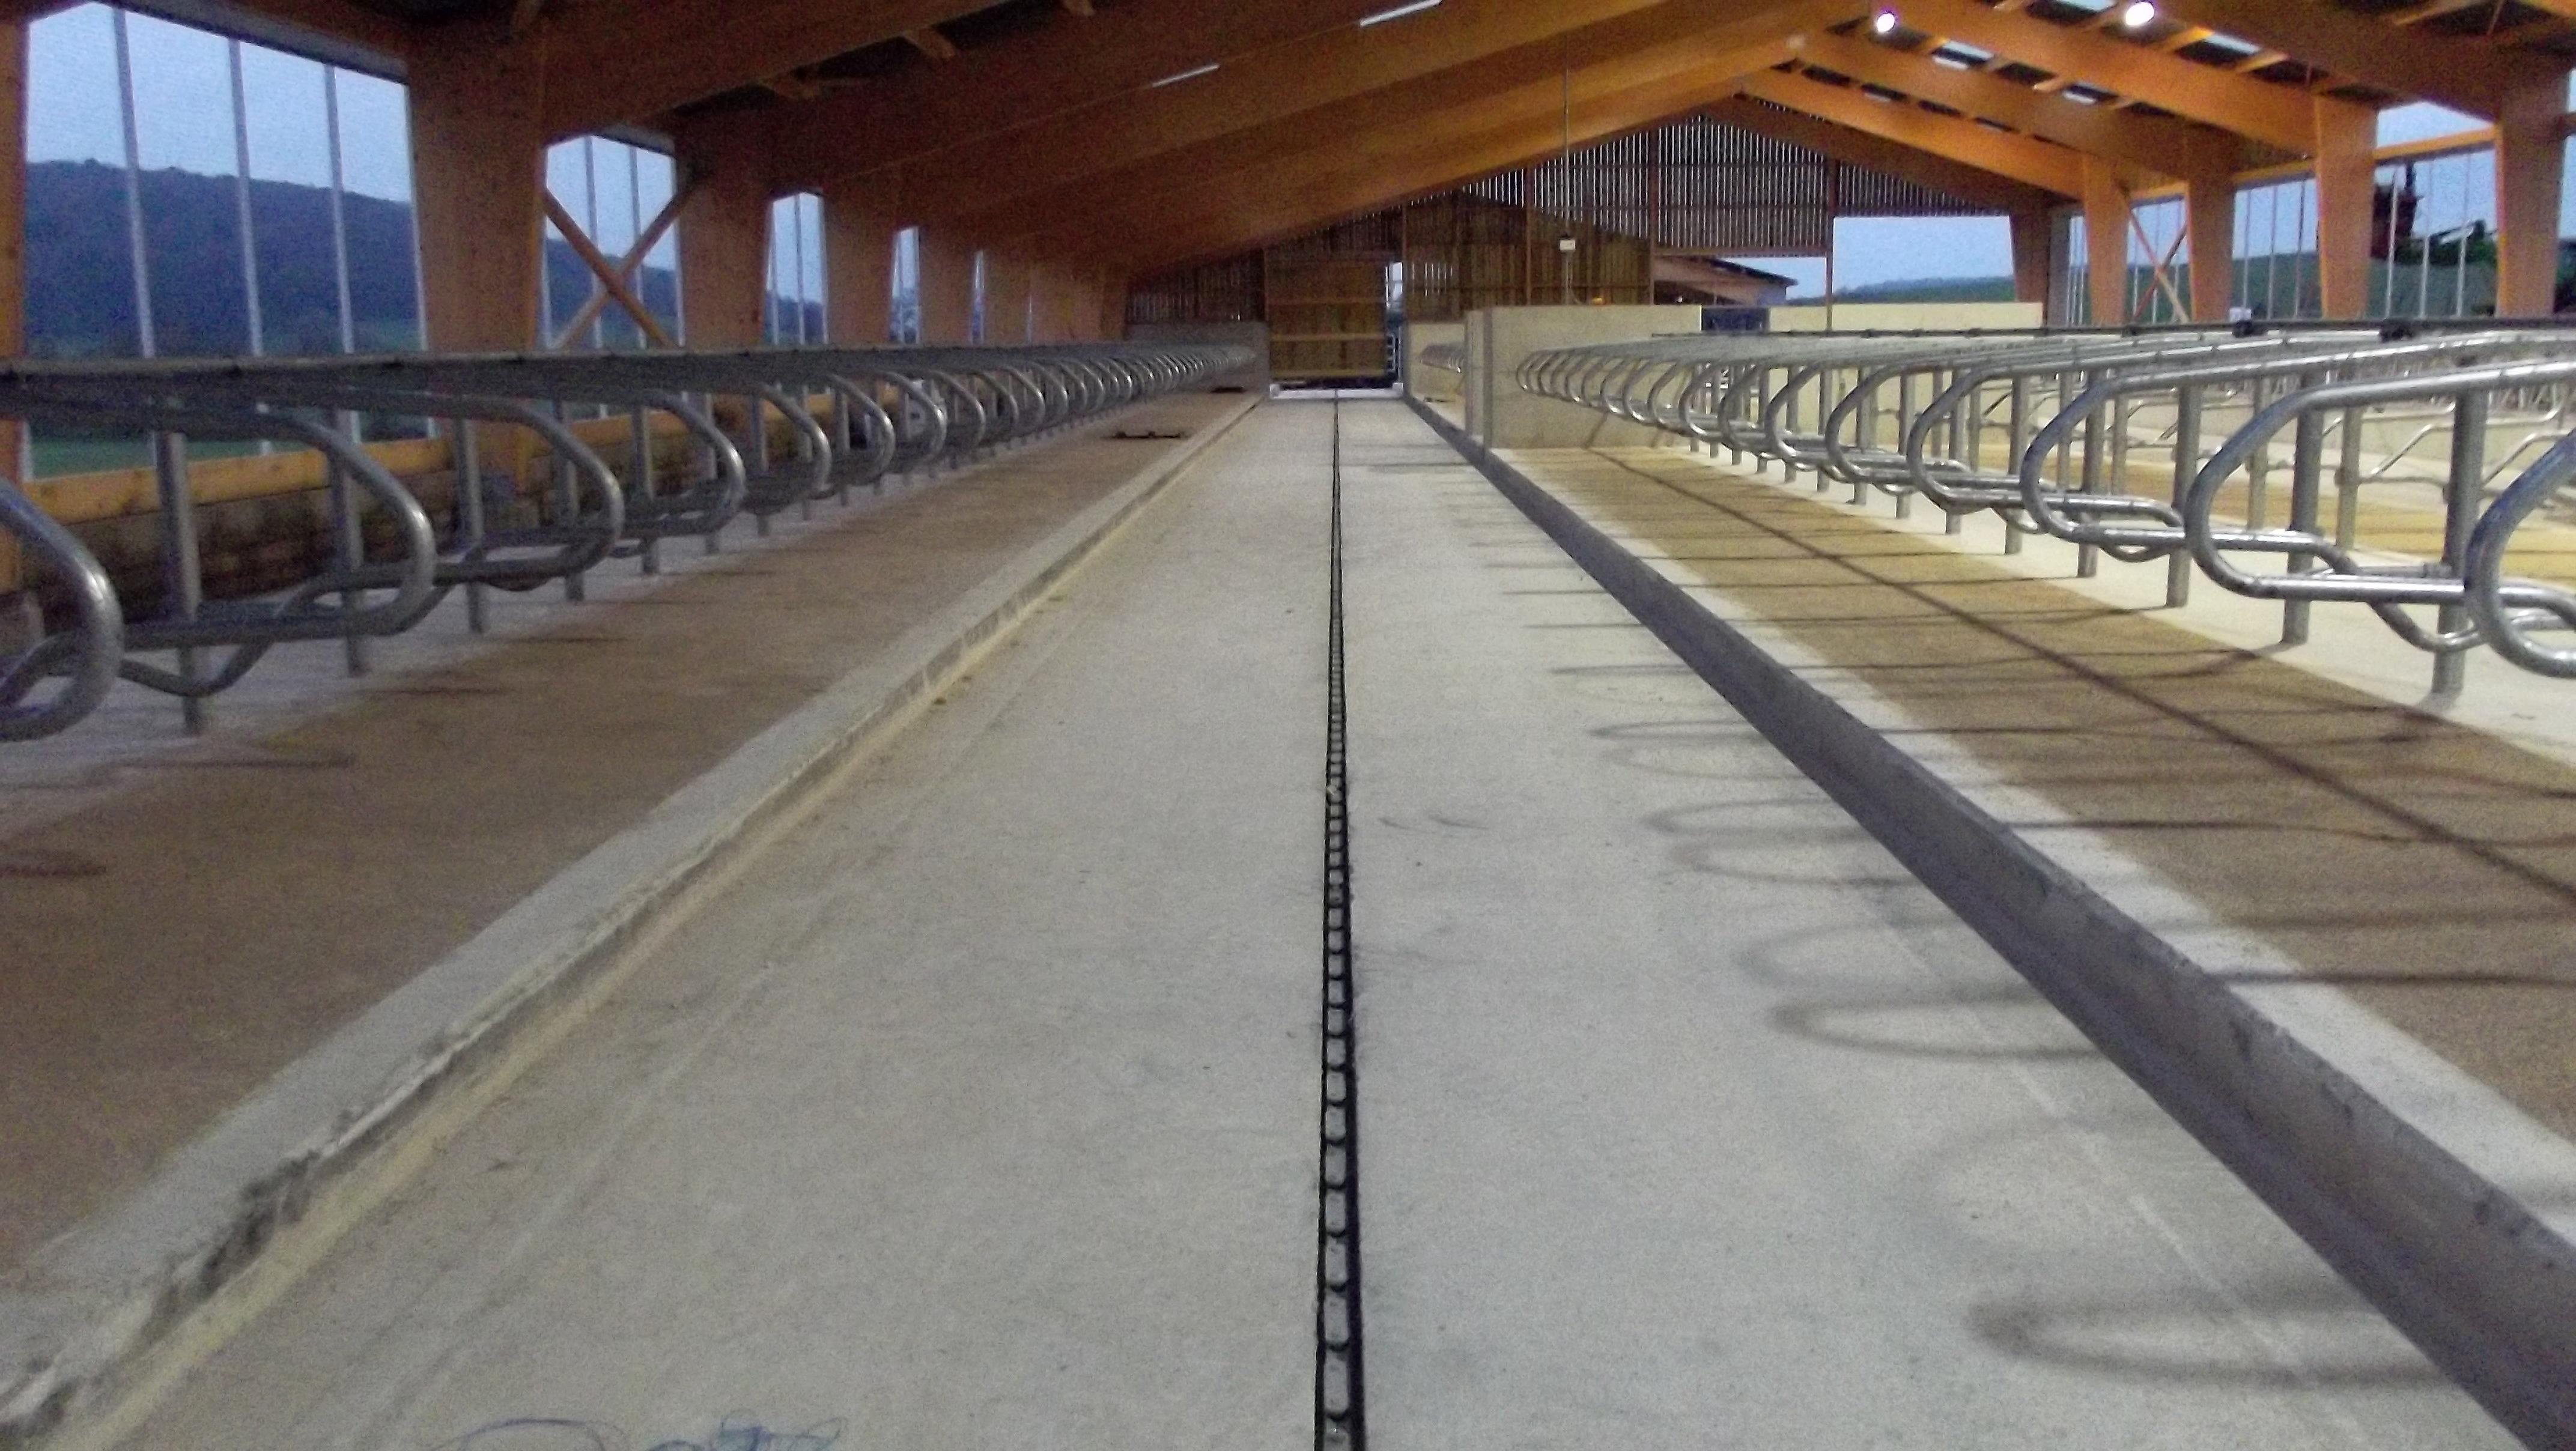 Sarl rodeschini b timent travaux publics construction for Construction agricole